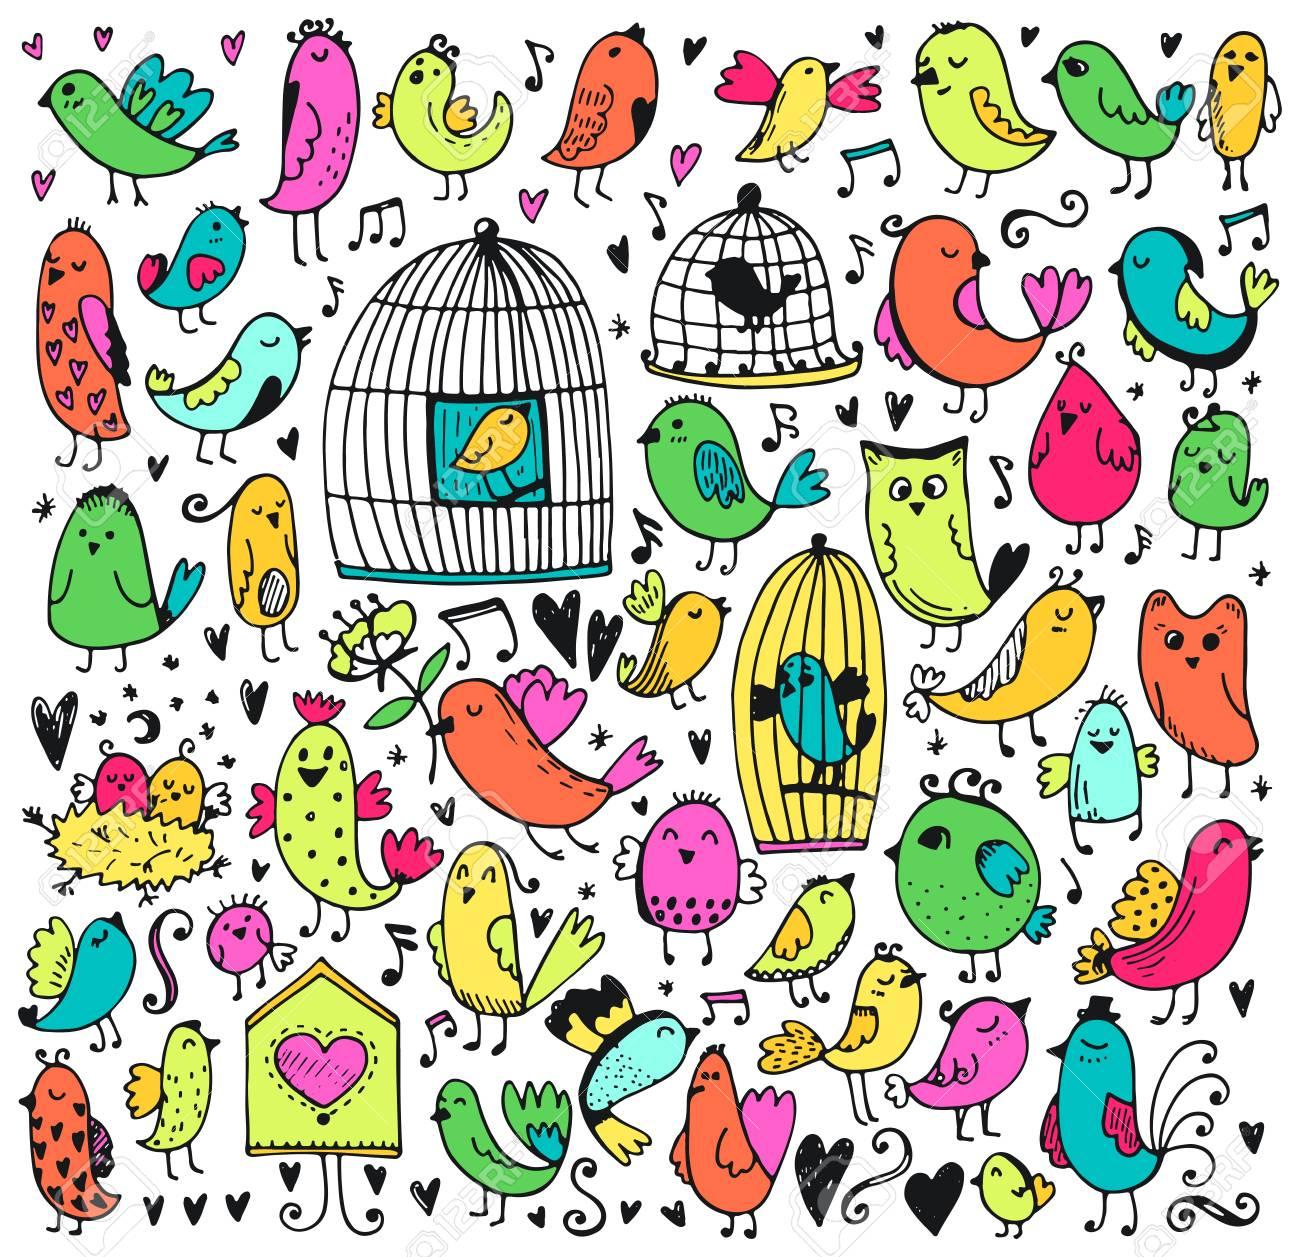 かわいい鳥のセットです。ベクトル漫画のイラスト。背景を落書き